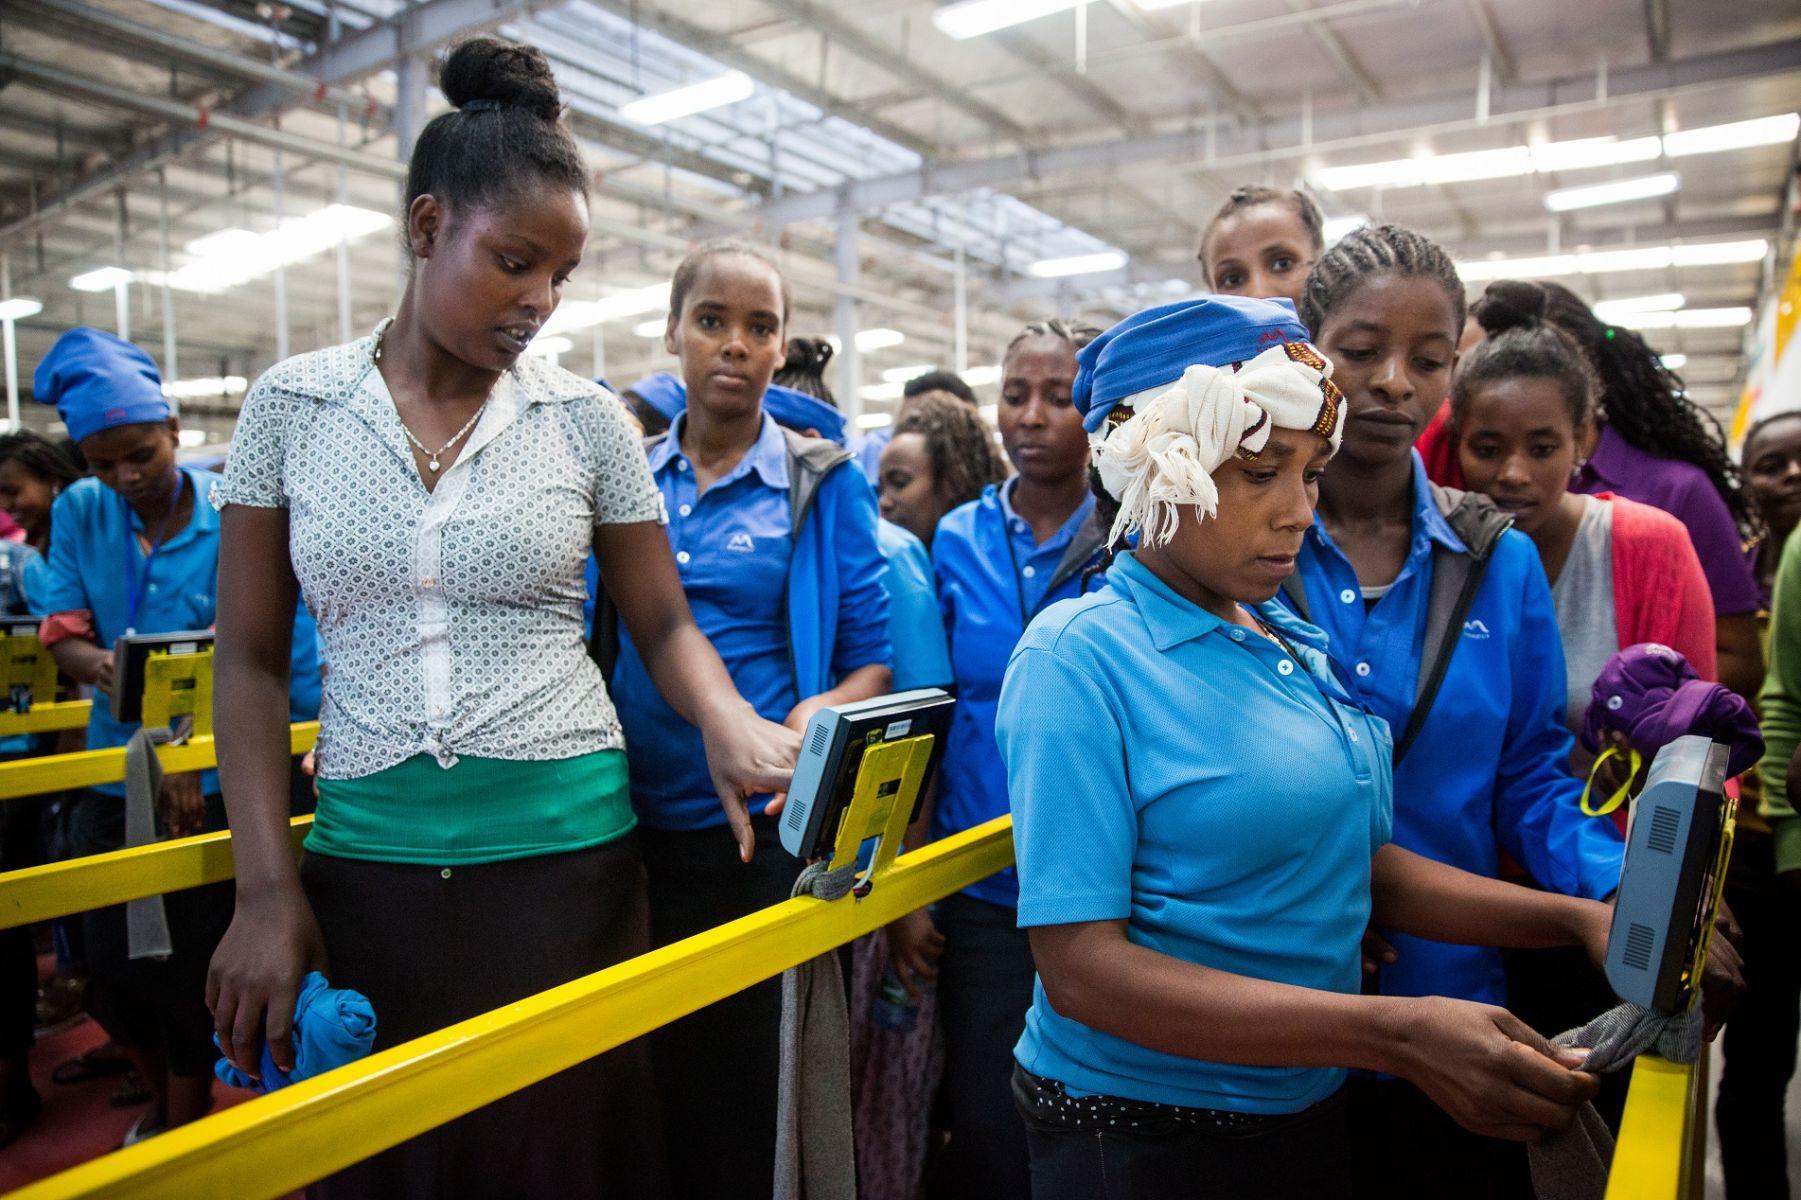 宏遠衣索比亞成衣廠員工上下班,都要刷指紋